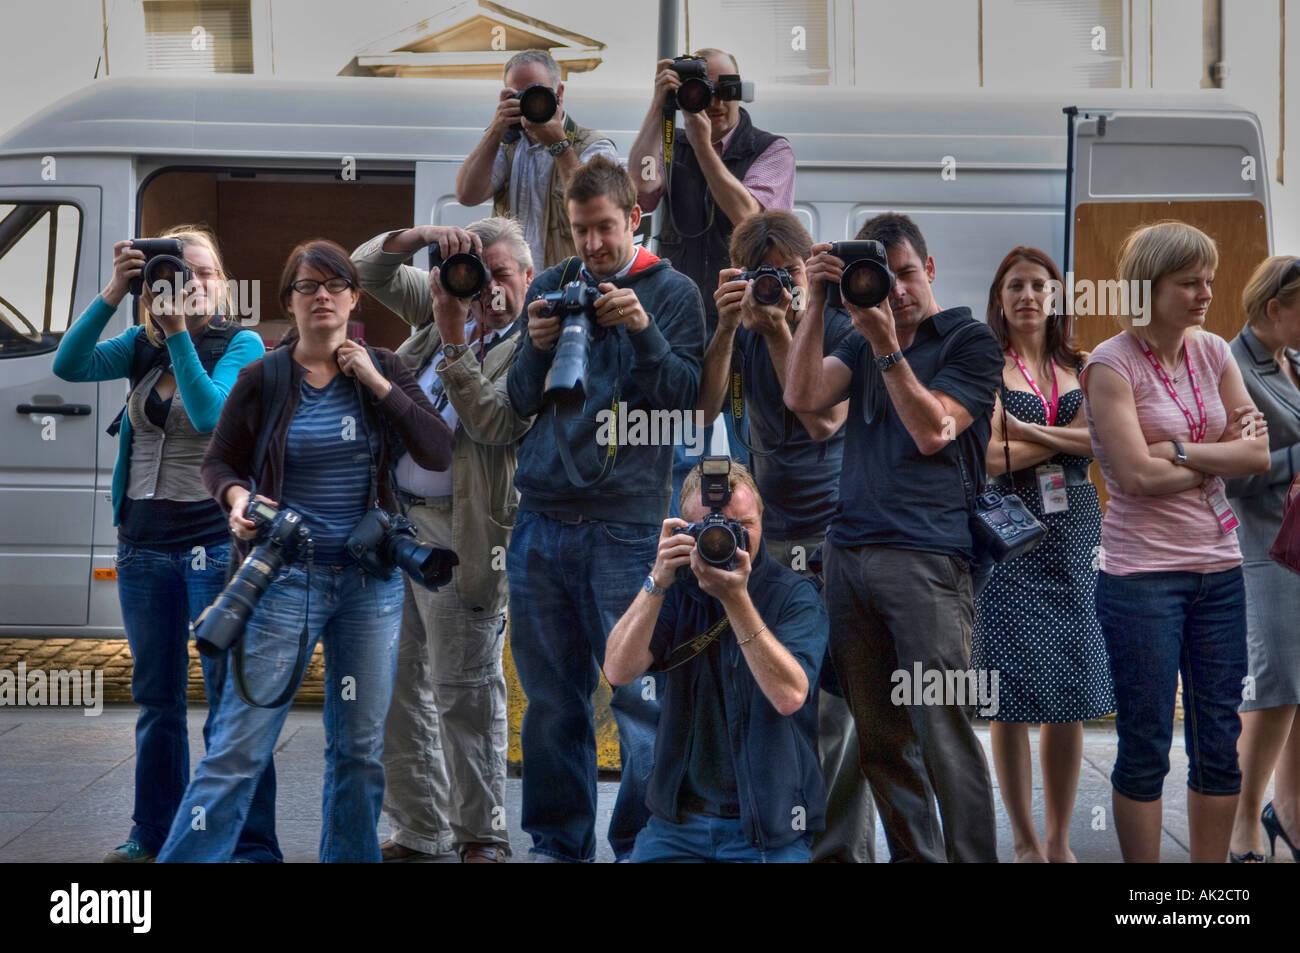 Gruppe von Pressefotografen auf Straße Foto-Shooting Stockbild